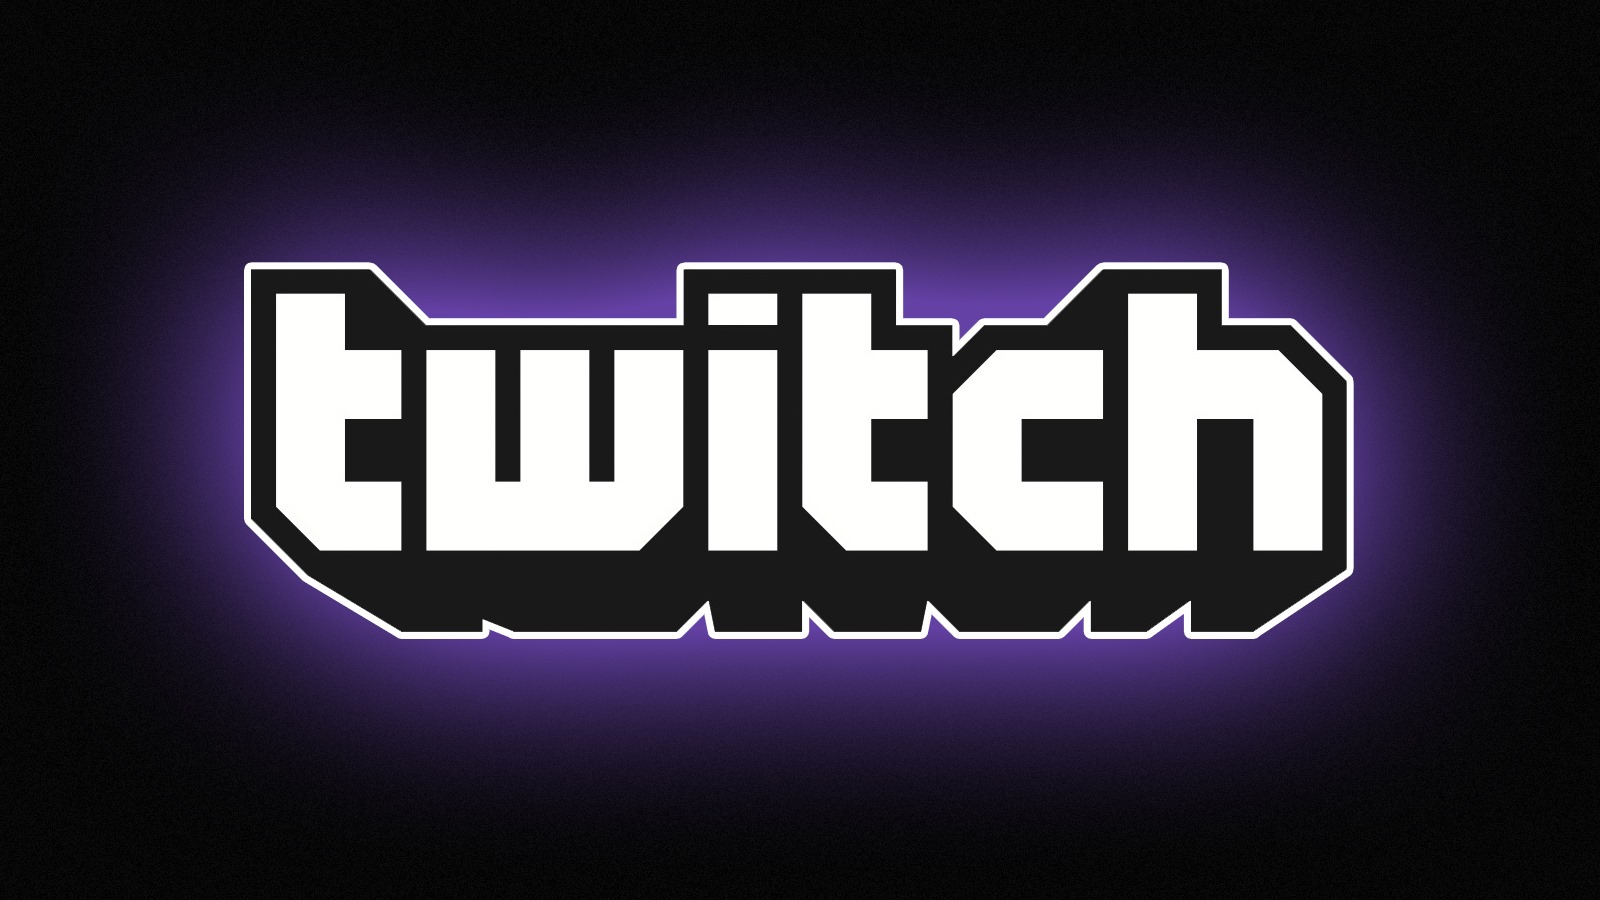 Березневі eSports-події, які найбільше переглядали на майданчику Twitch